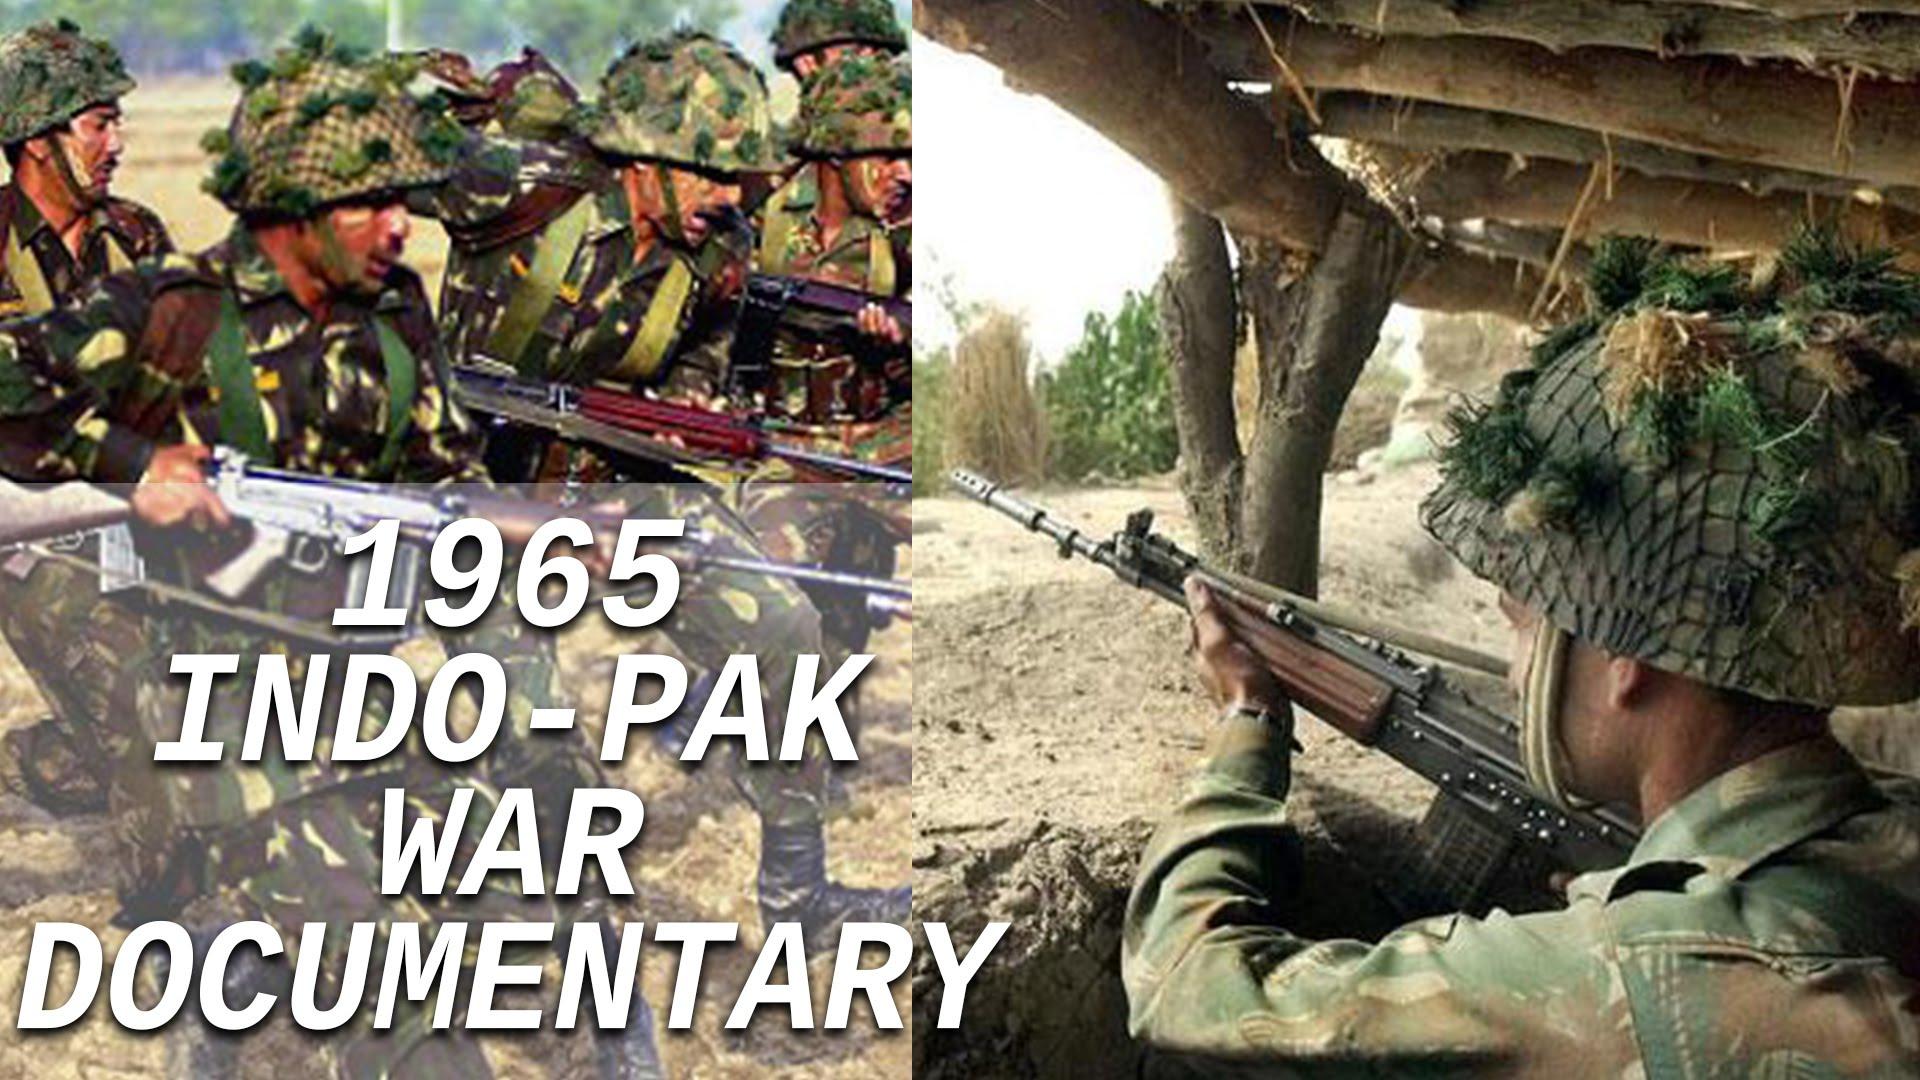 1965 की जंग की सच्चाई, पाकिस्तान आज भी मनाता है झूठा जश्न   भारत-पाकिस्तान 1965 युद्ध डॉक्यूमेंट्री ! शौर्य और बलिदान की वीरगाथा  